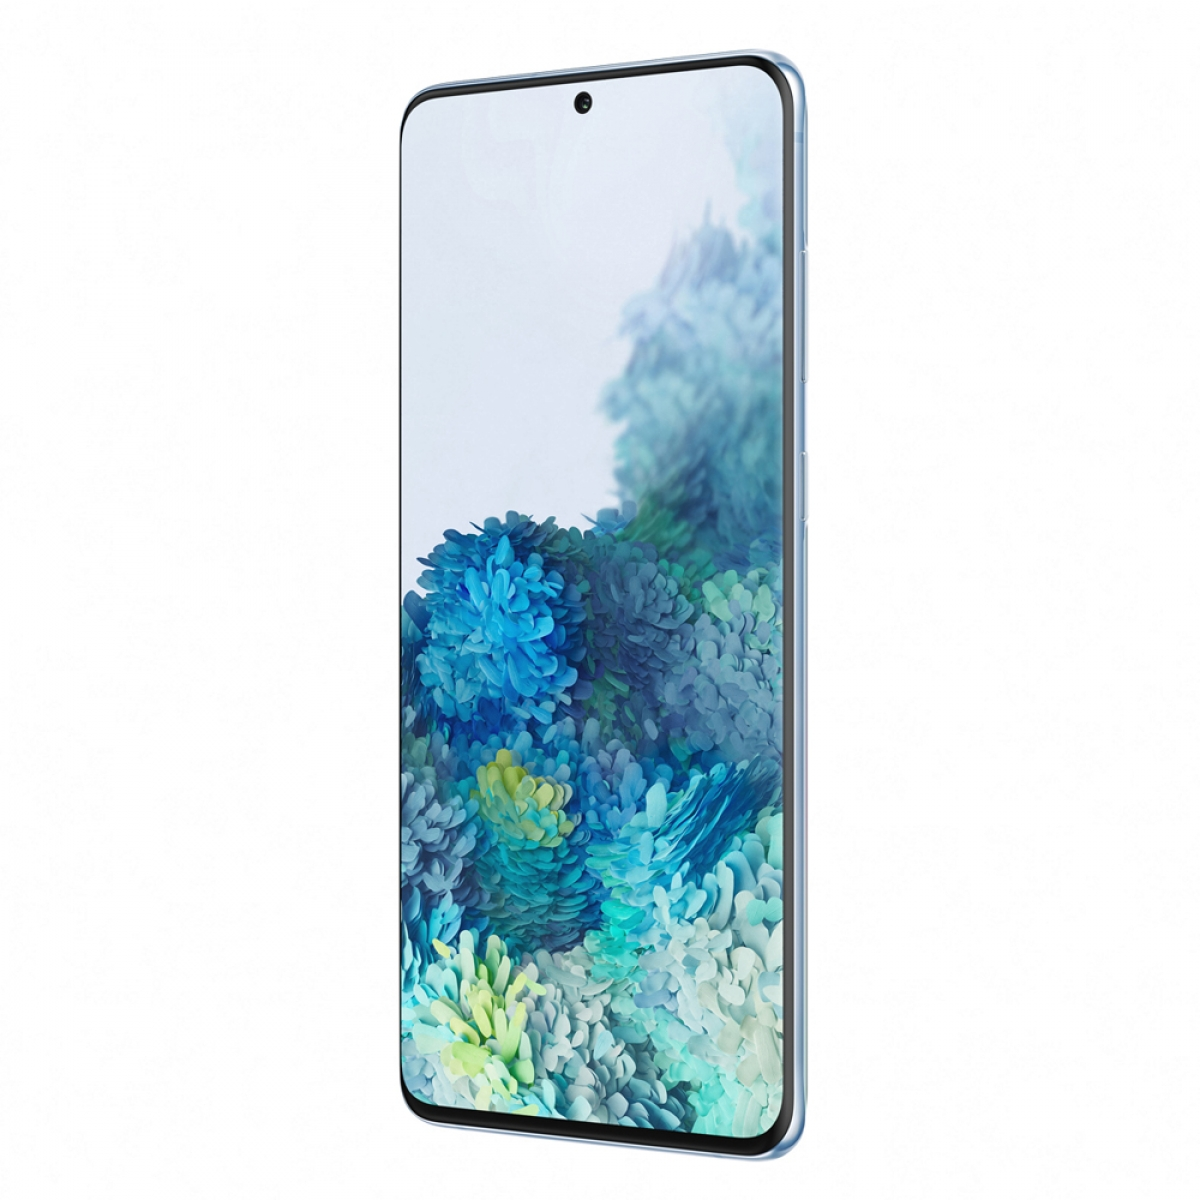 Ở phân khúc cao cấp, những chiếc điện thoại đời mới như Samsung Galaxy S20+ cũng đáng rất mua.